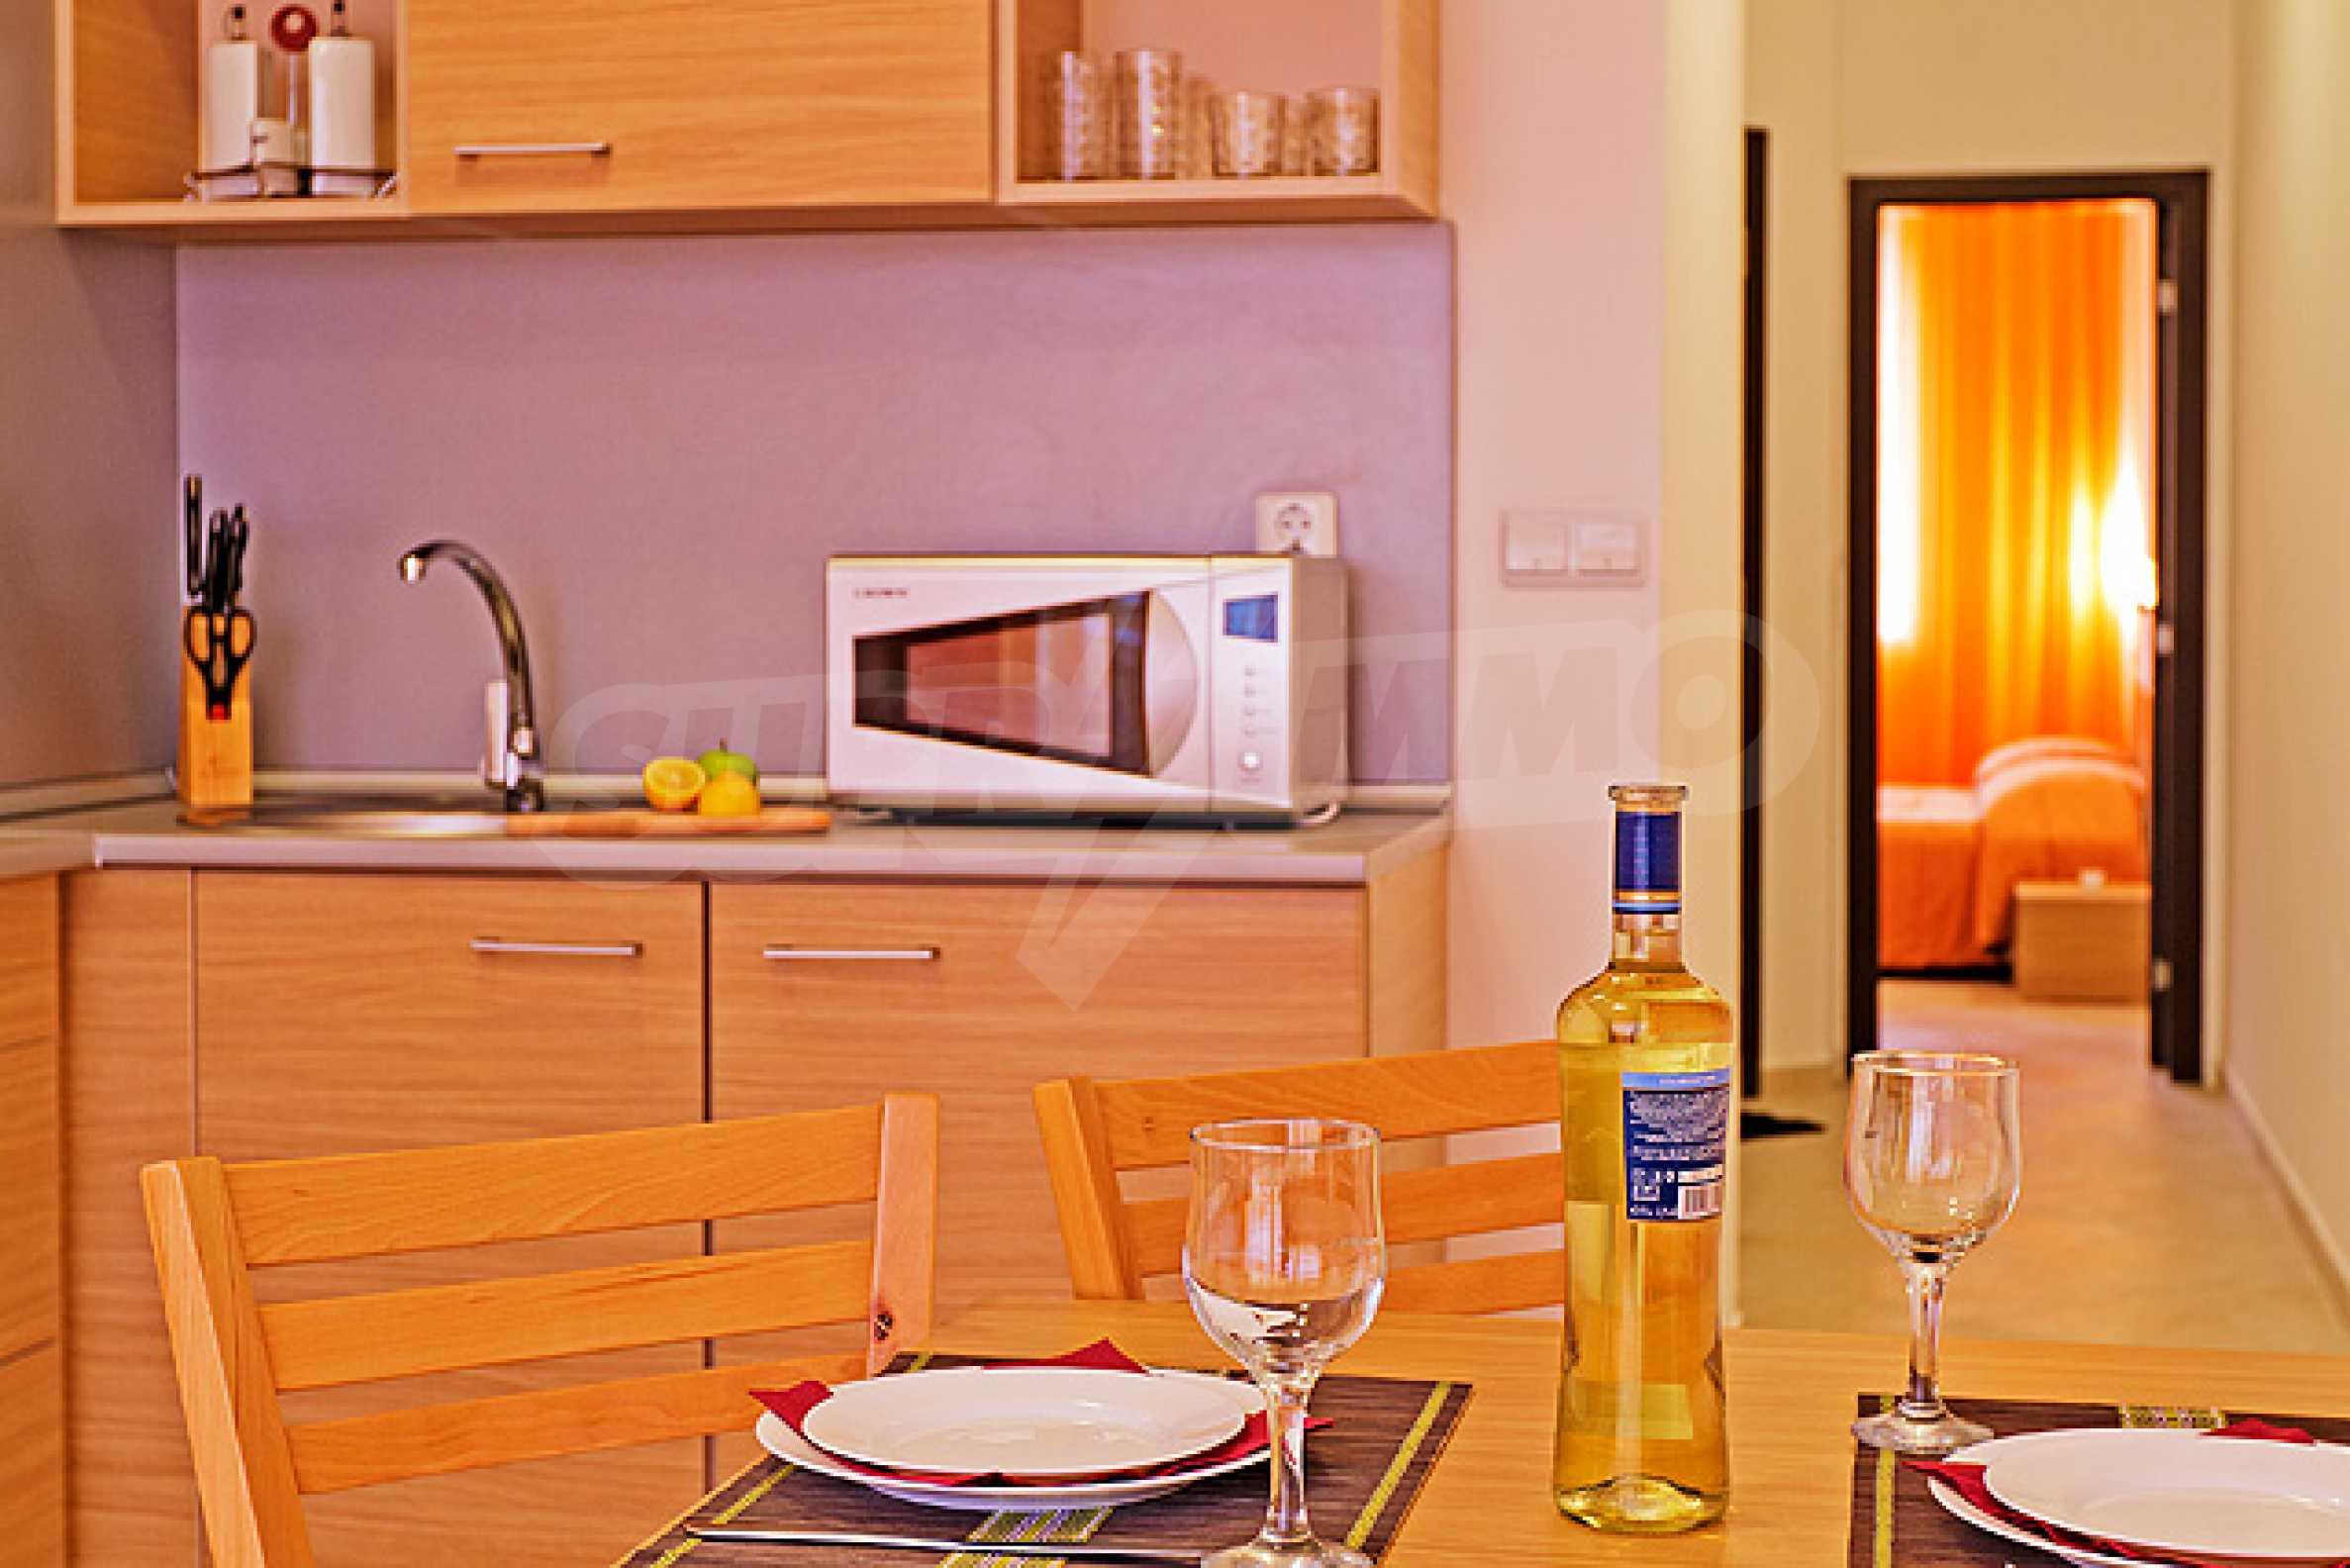 Sunset Kosharitsa - Apartments in einem attraktiven Berg- und Seekomplex, 5 Autominuten vom Sonnenstrand entfernt 18